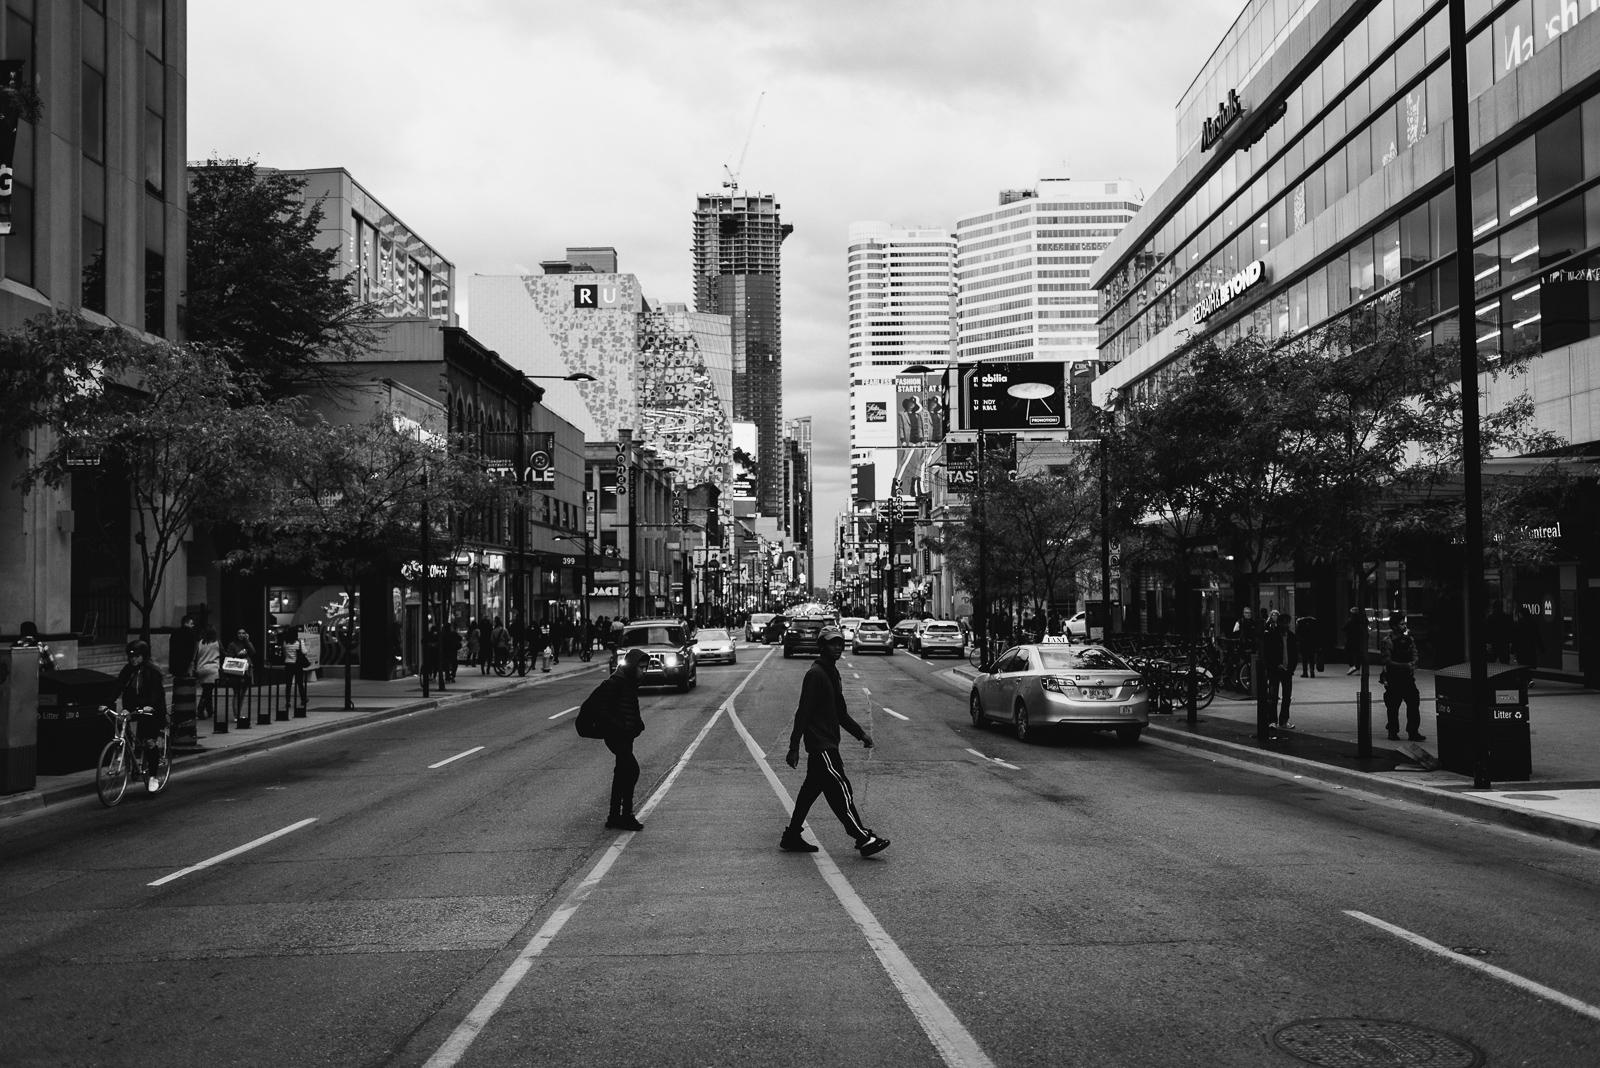 toronto-street-october-2018-blog-48.jpg